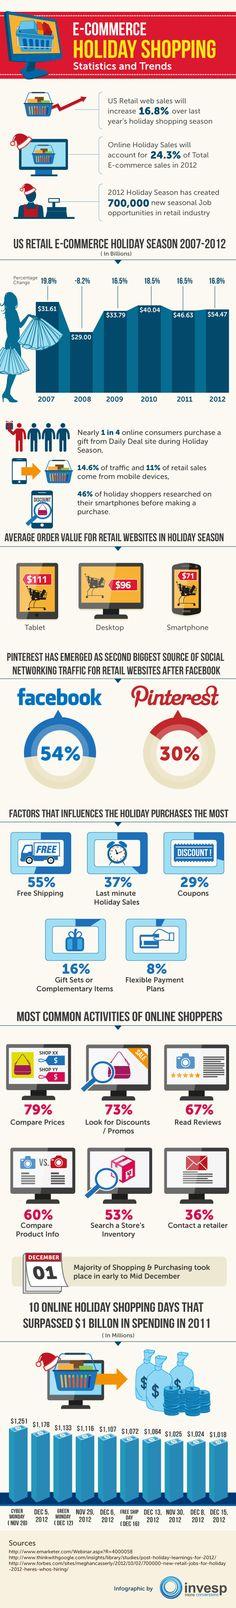 Estadísticas y tendencias del comercio electrónico para la próxima navidad - http://www.cleardata.com.ar/infografia/estadisticas-y-tendencias-del-comercio-electronico-para-la-proxima-navidad-6.html